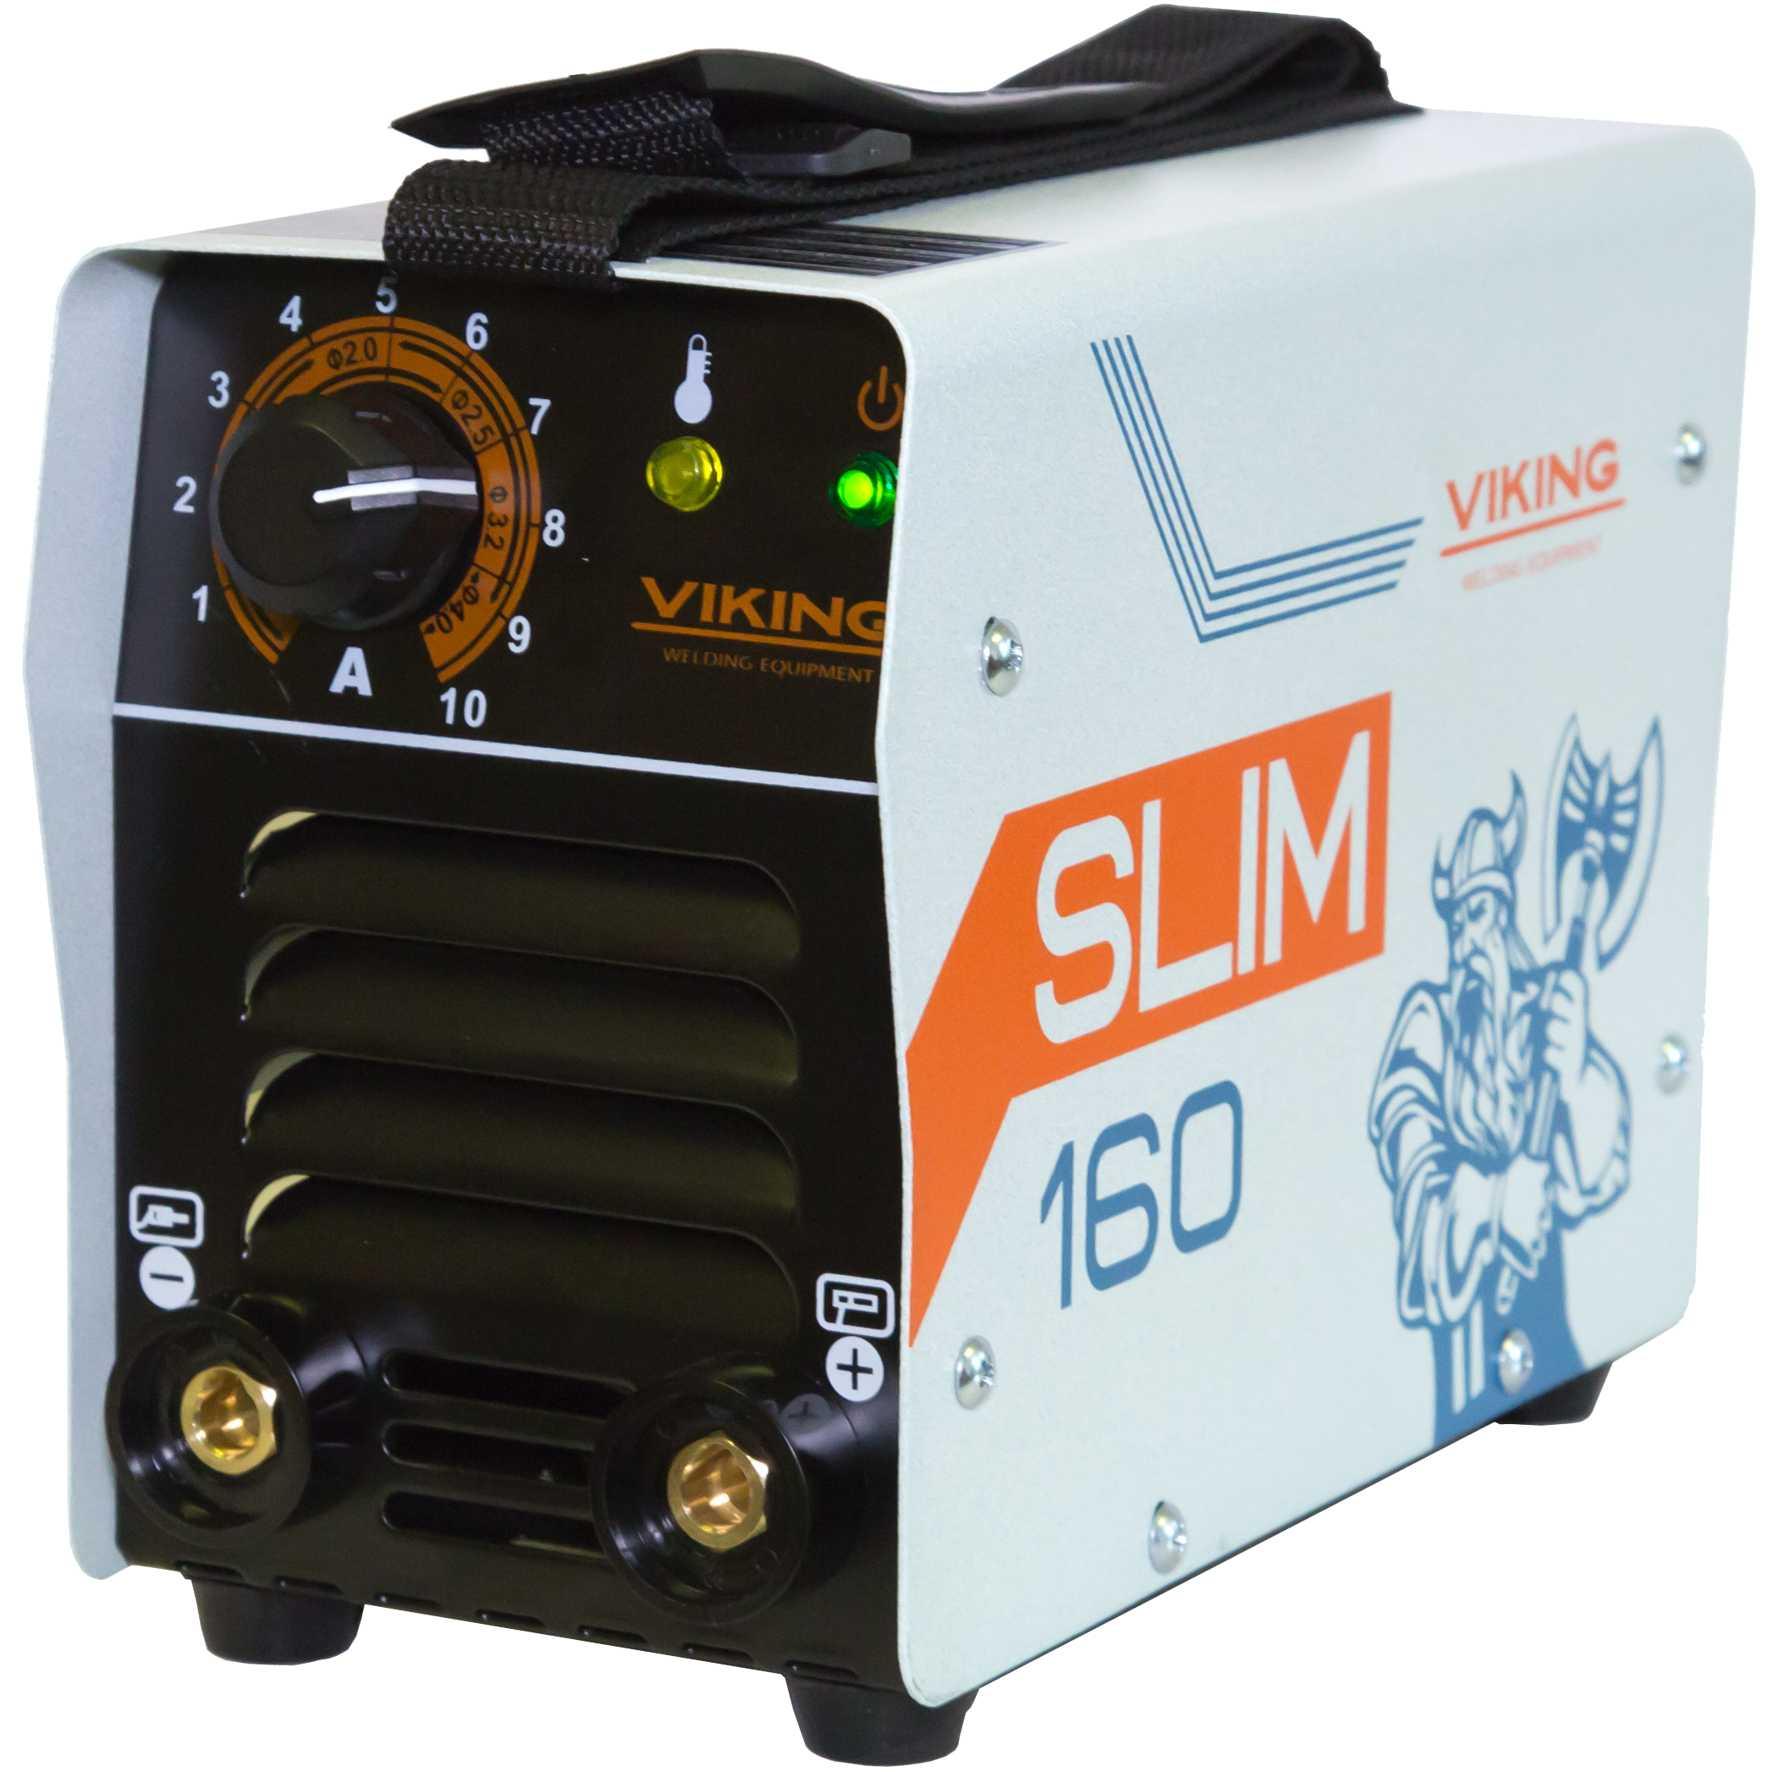 Сварочный инвертор  VIKING 160 SLIM